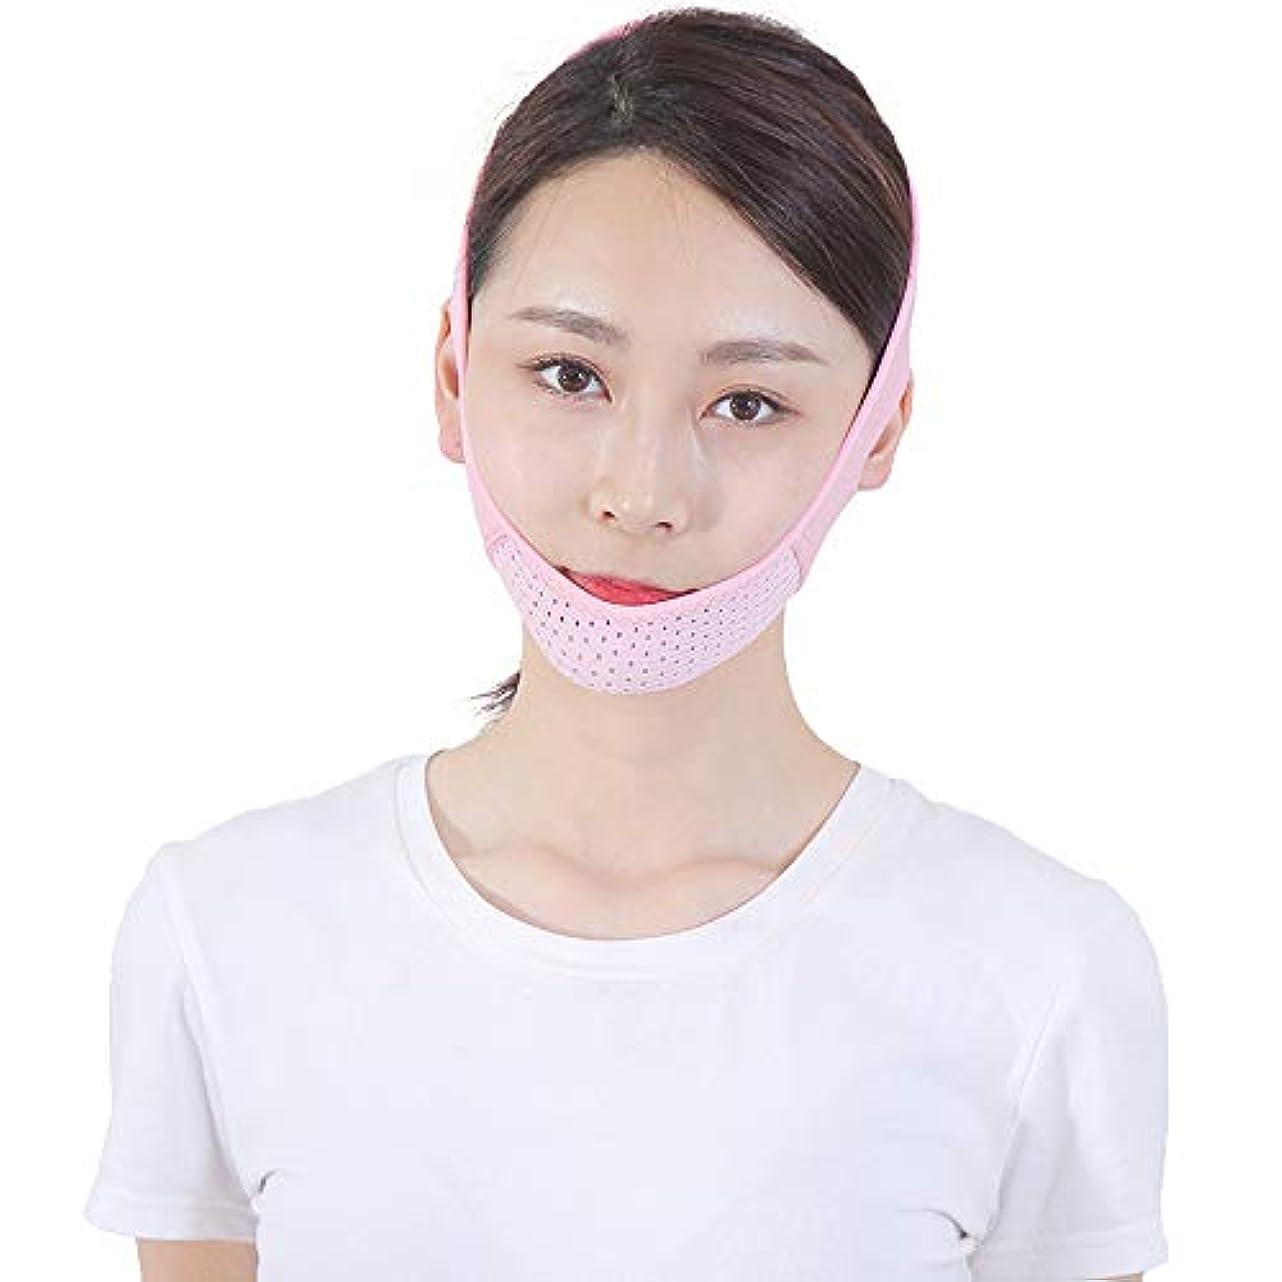 確認する敬意を表する後悔Minmin フェイシャルリフティング痩身ベルトフェイススリムゲットダブルチンアンチエイジングリンクルフェイスバンデージマスクシェイピングマスク顔を引き締めるダブルチンワークアウト みんみんVラインフェイスマスク